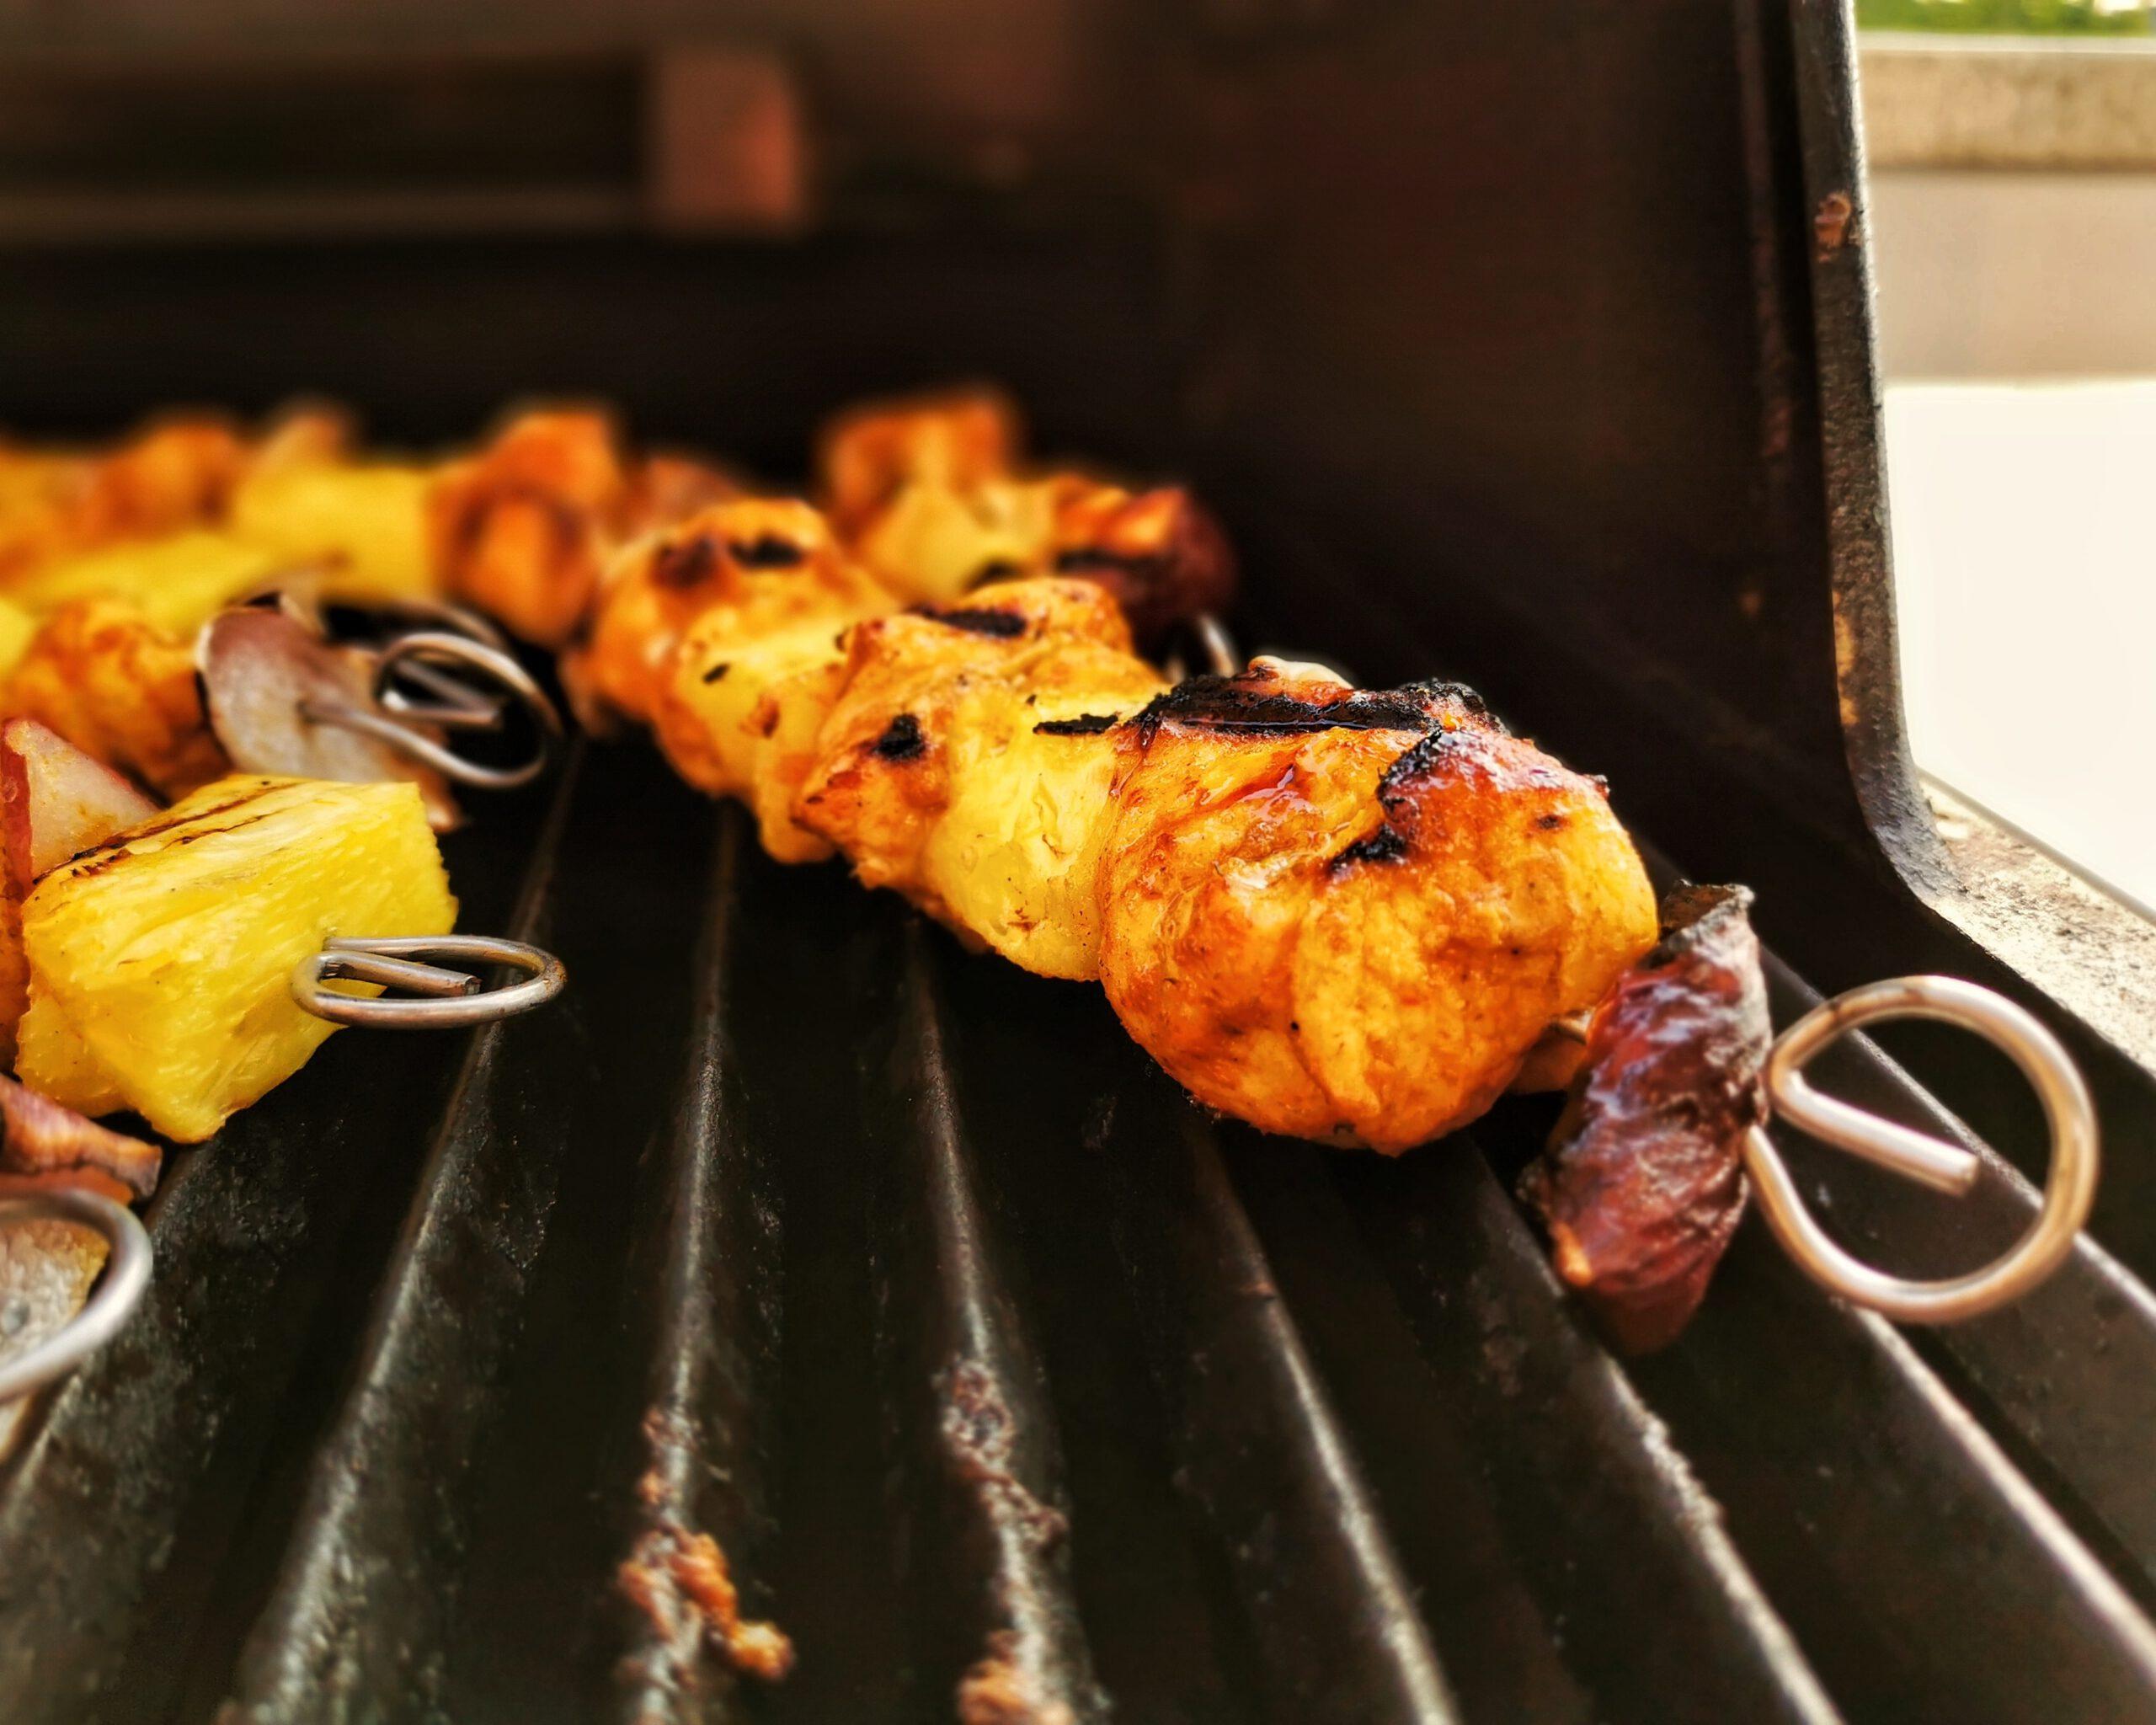 Grillspieße mit Hähnchen und Ananas auf dem Grill